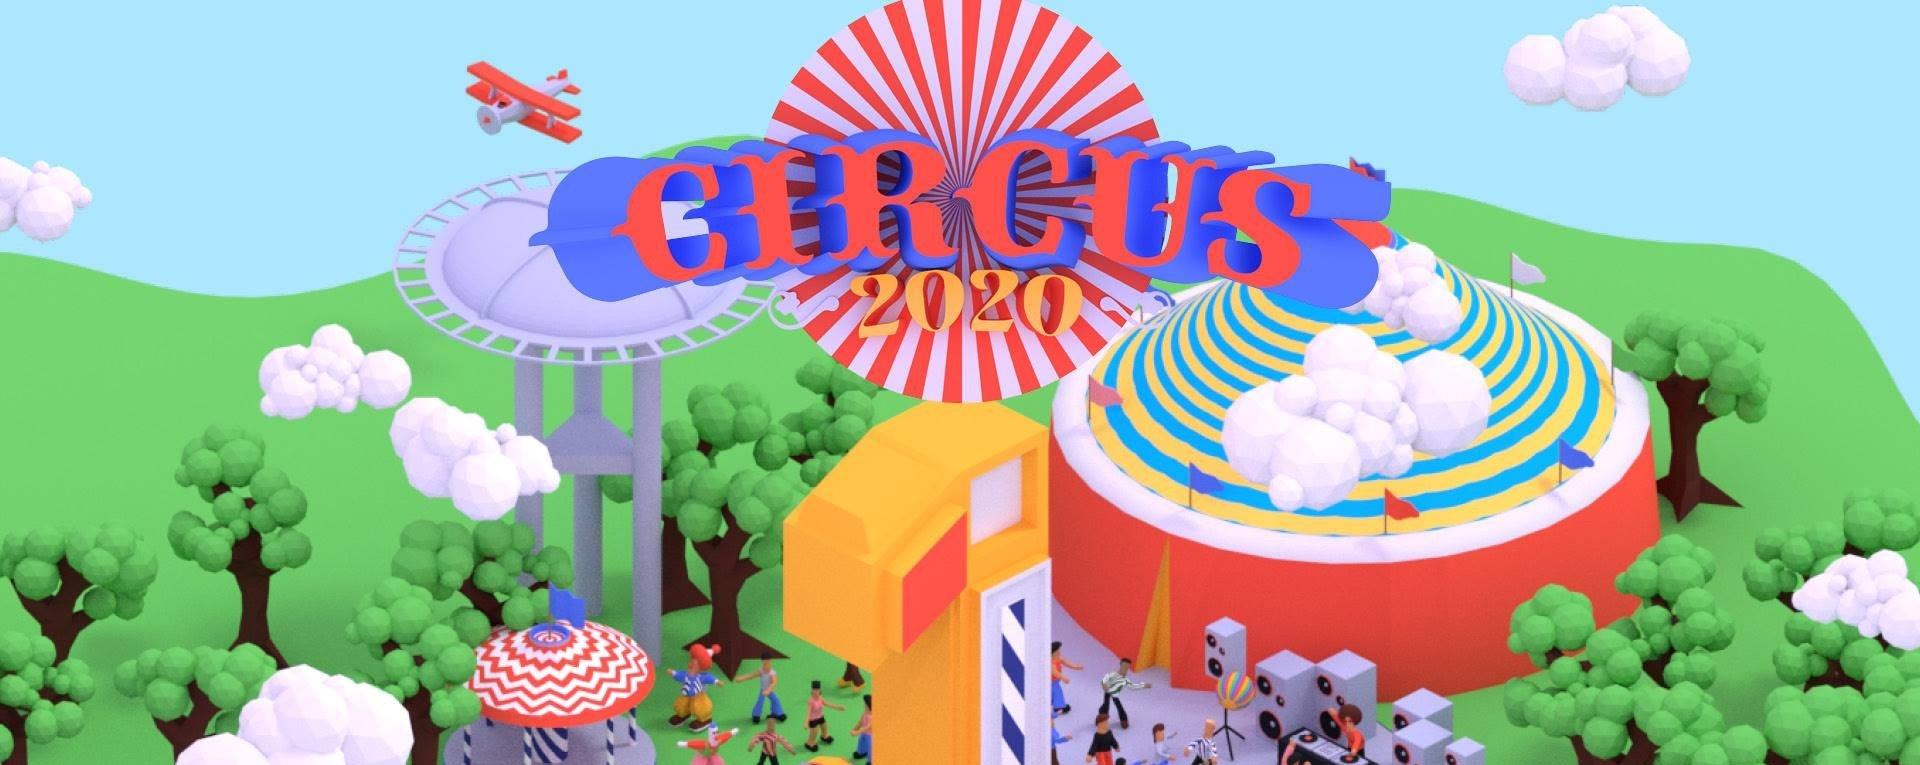 Circus 2020 - One Year Anniversary